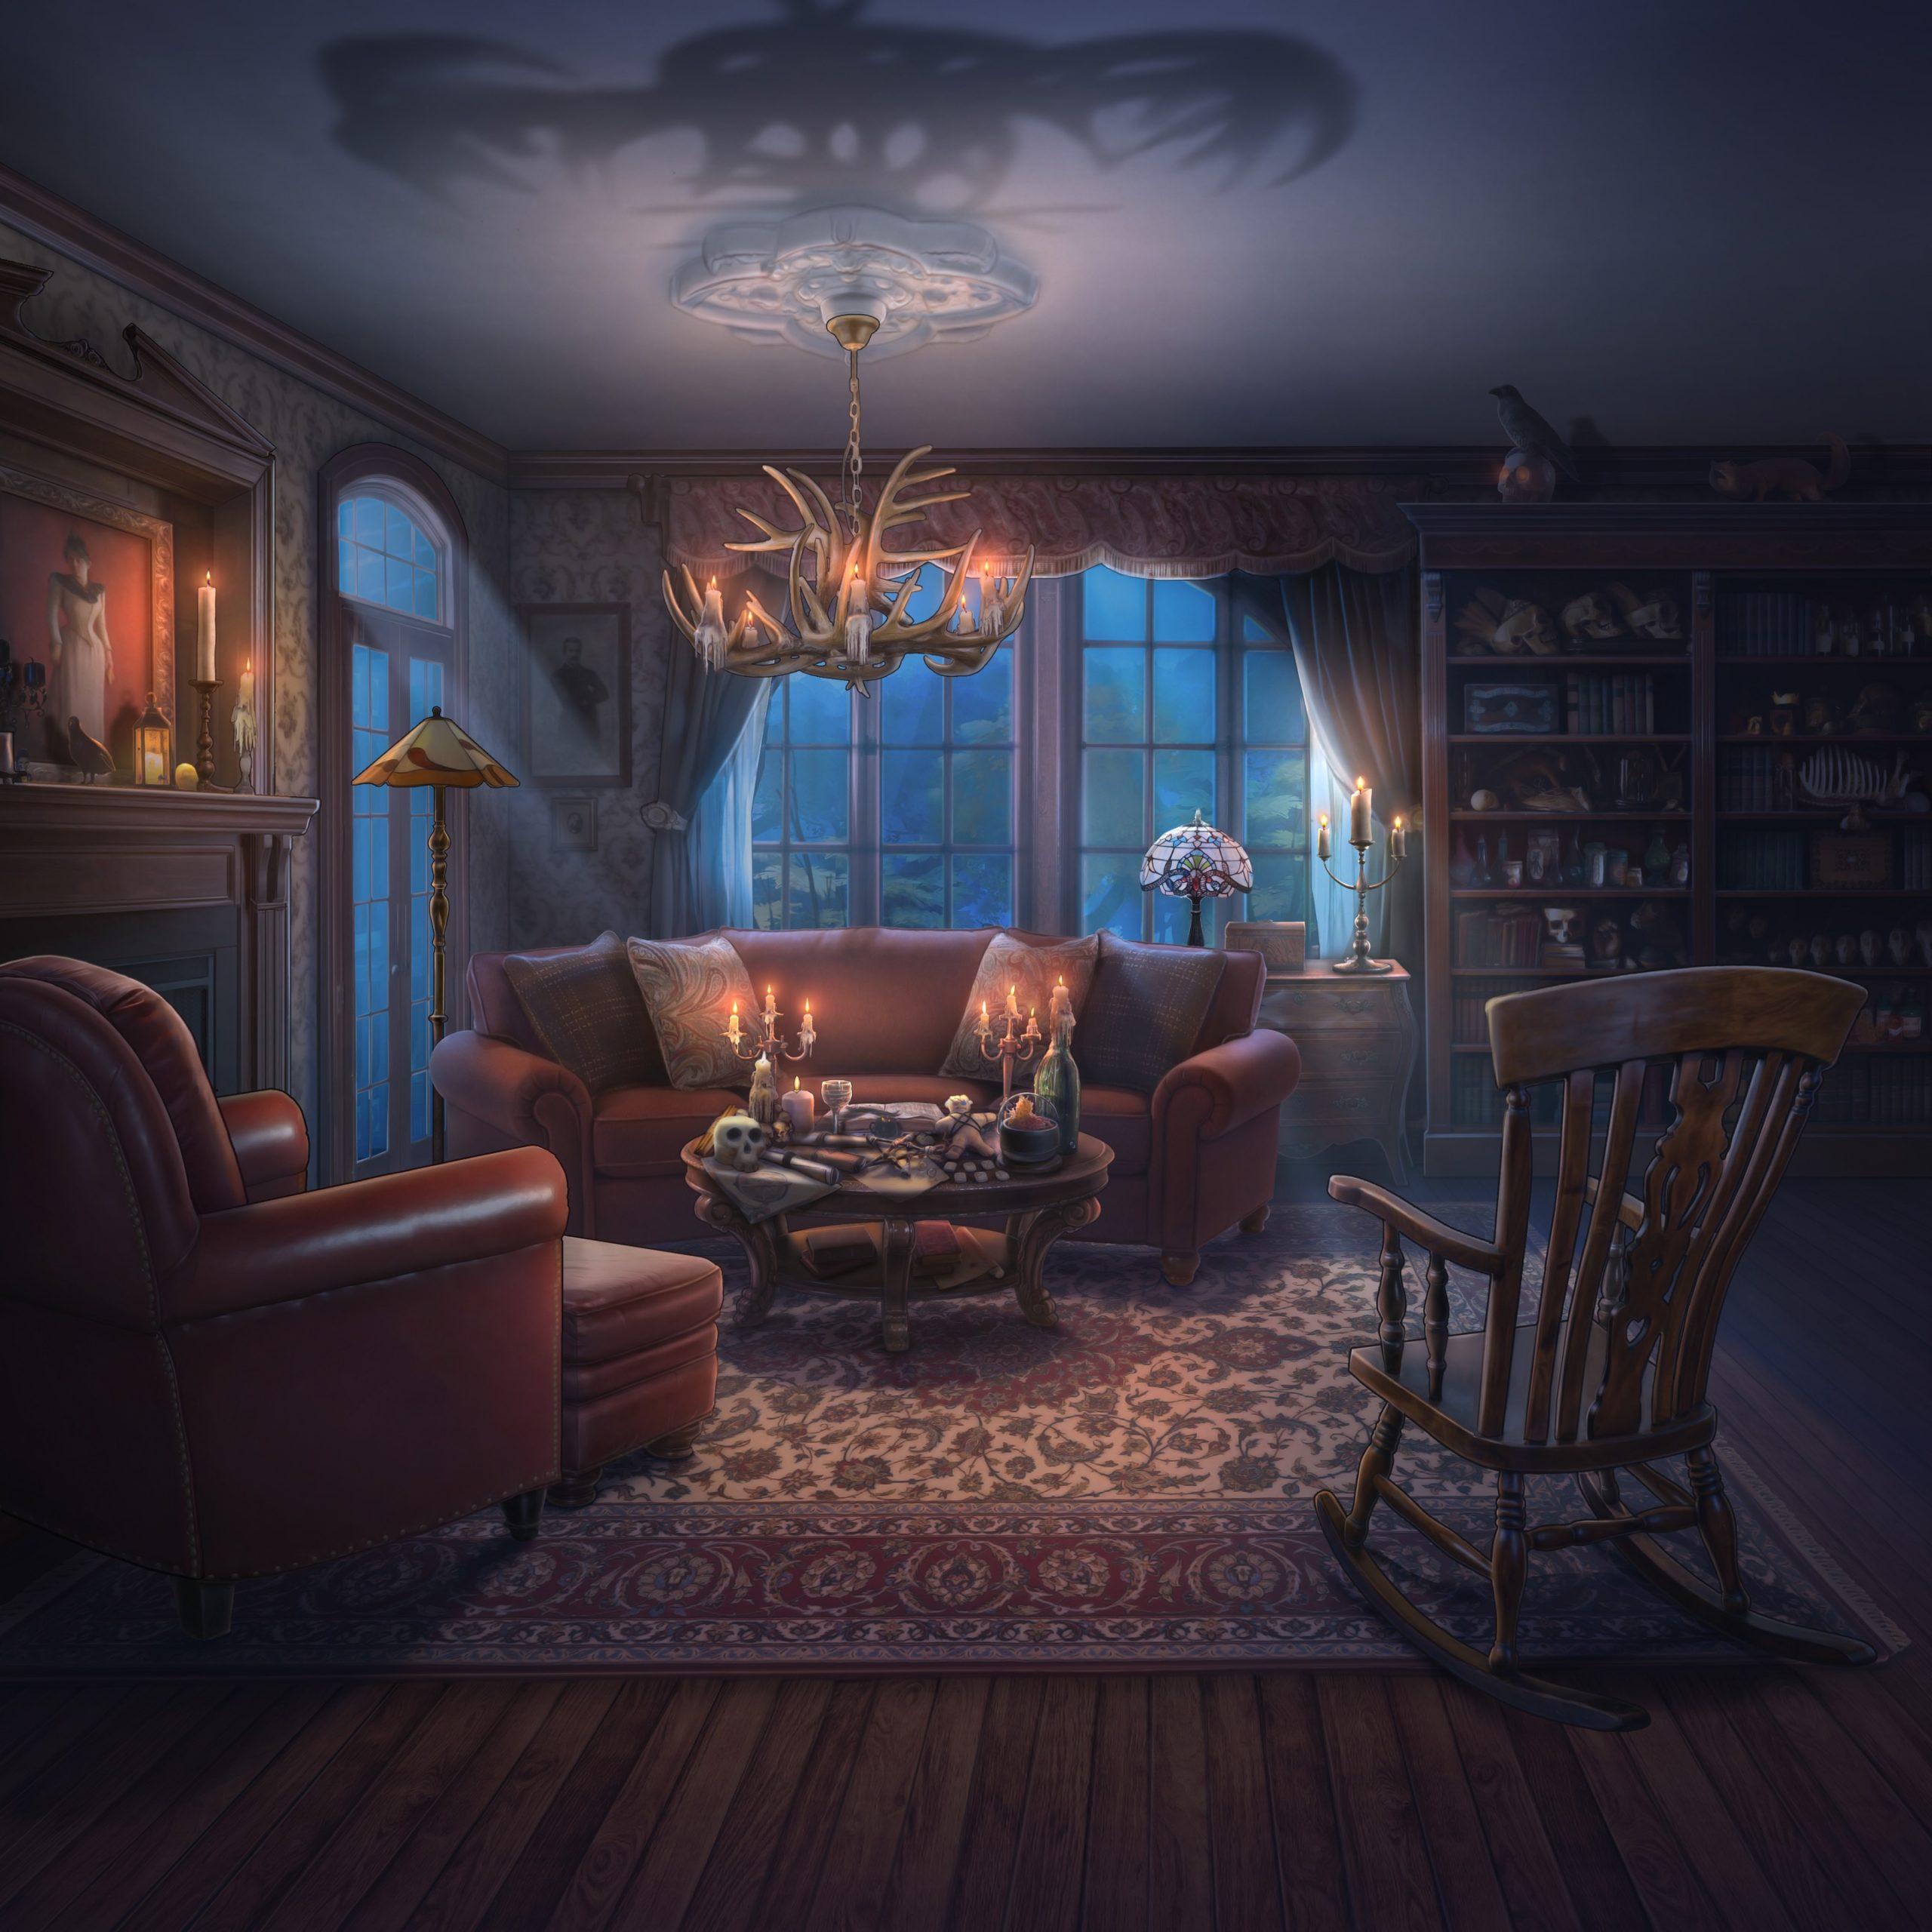 Drogo personnage de Is It Love et le décor du salon de la maison de cassandre